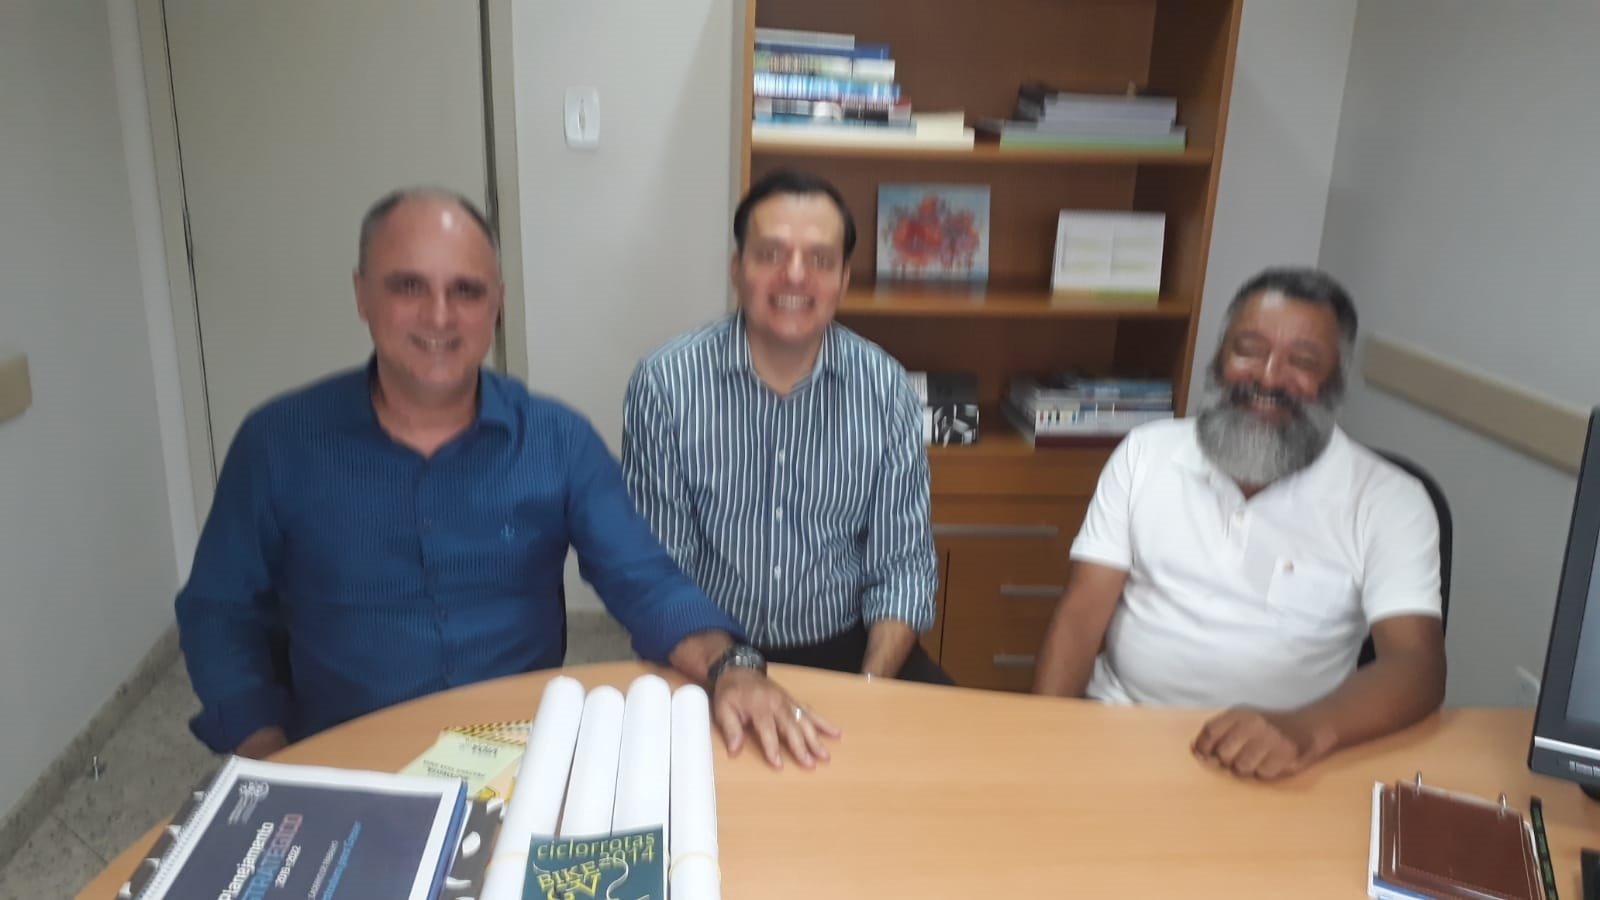 Visita de Ricardo Torres e Durval Júnior, ambos representantes da Casa da Cultura com projetos já aprovados da Lei Rouanet para eventos no ES.